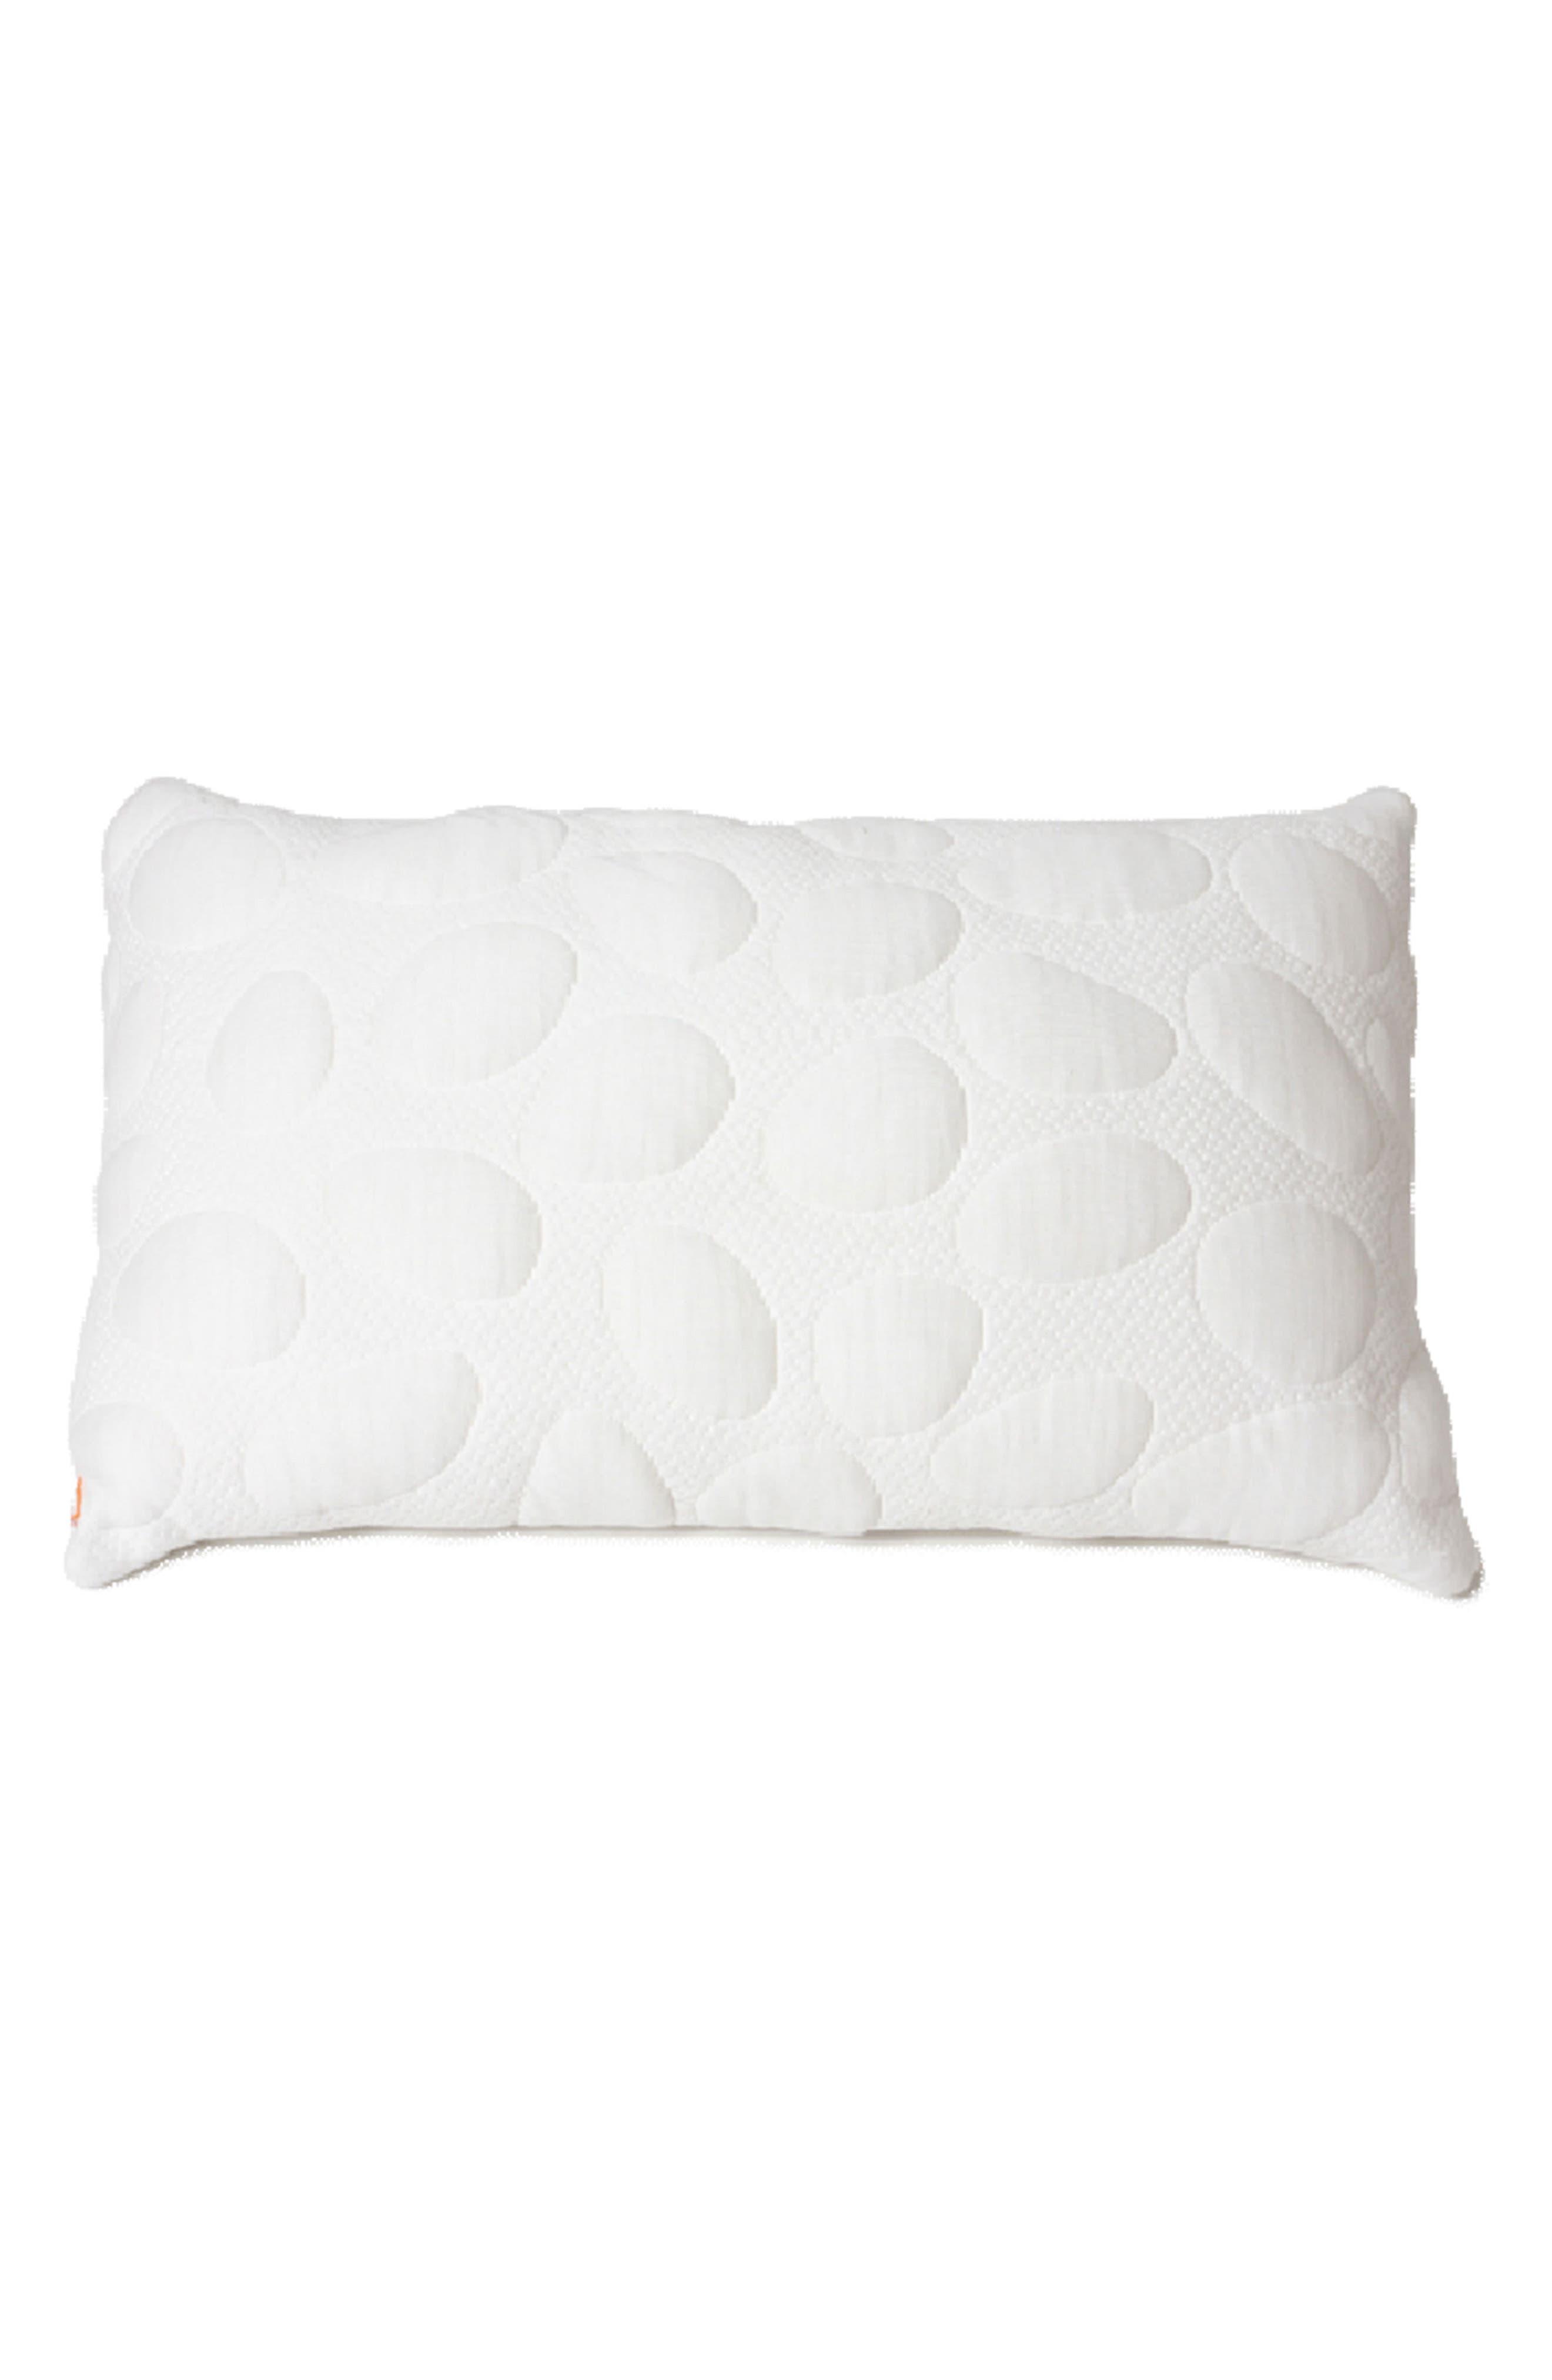 Nook Pebble Jr. Pillow,                         Main,                         color, Cloud